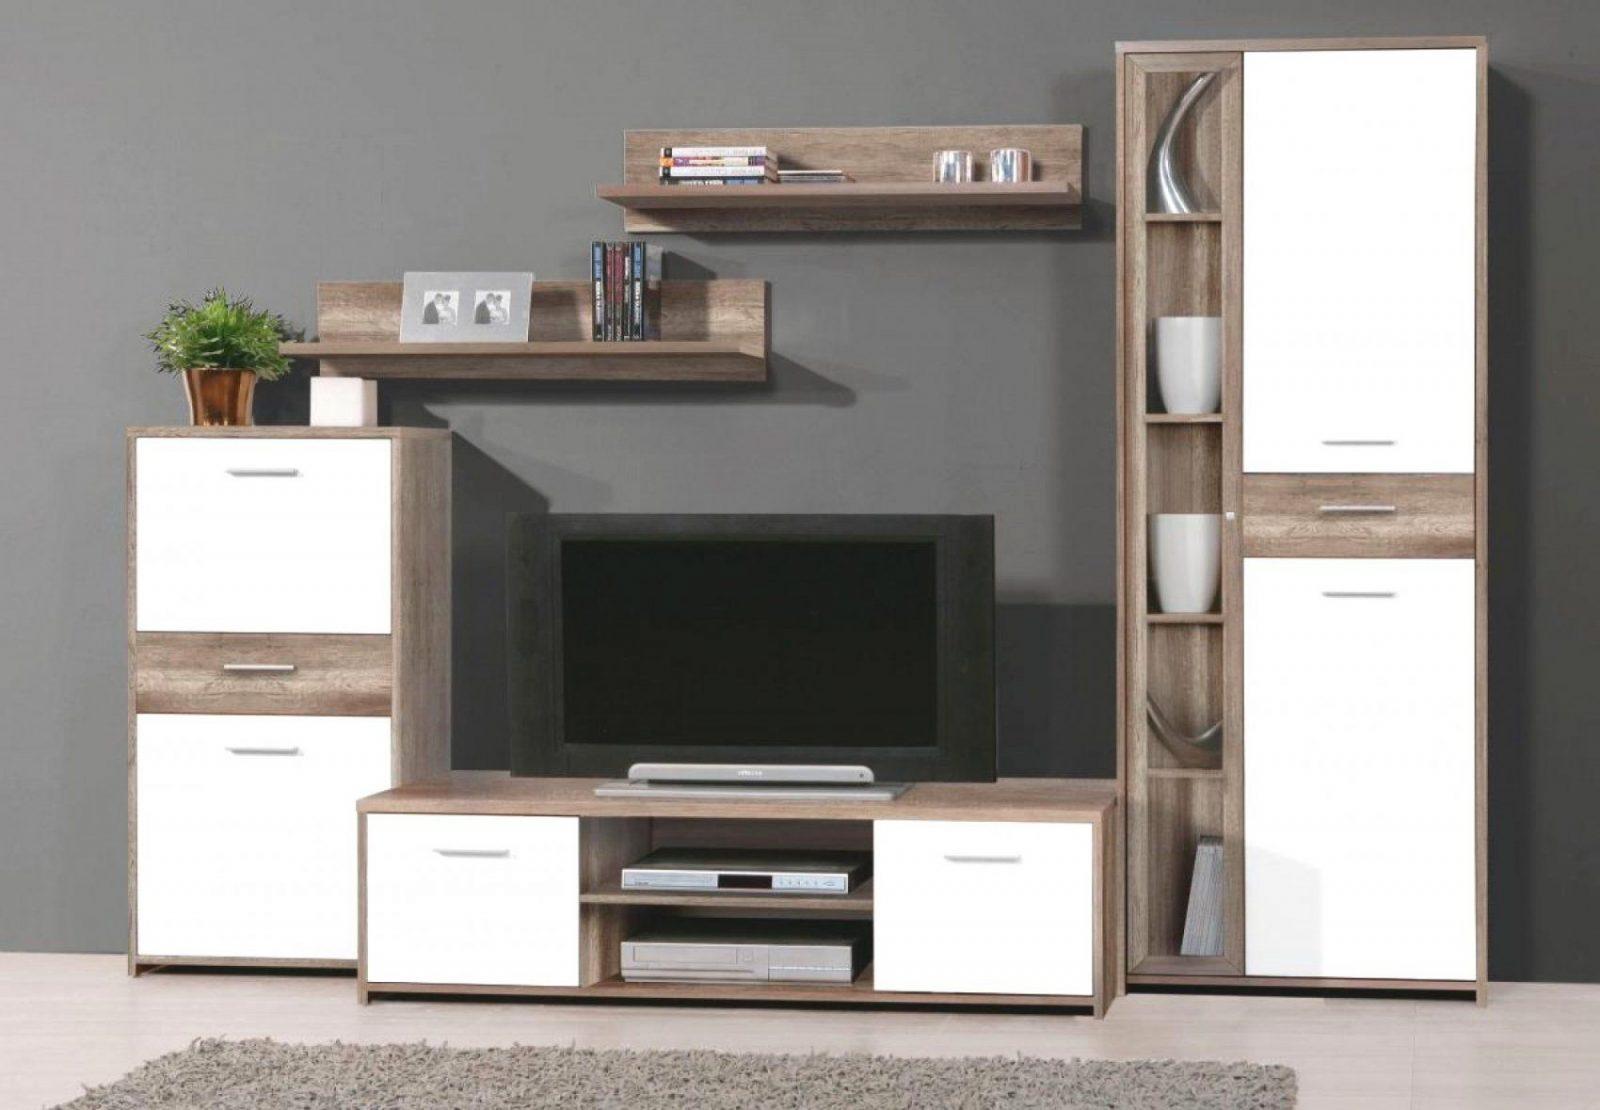 g nstige wohnwand unter 100 euro haus design ideen. Black Bedroom Furniture Sets. Home Design Ideas